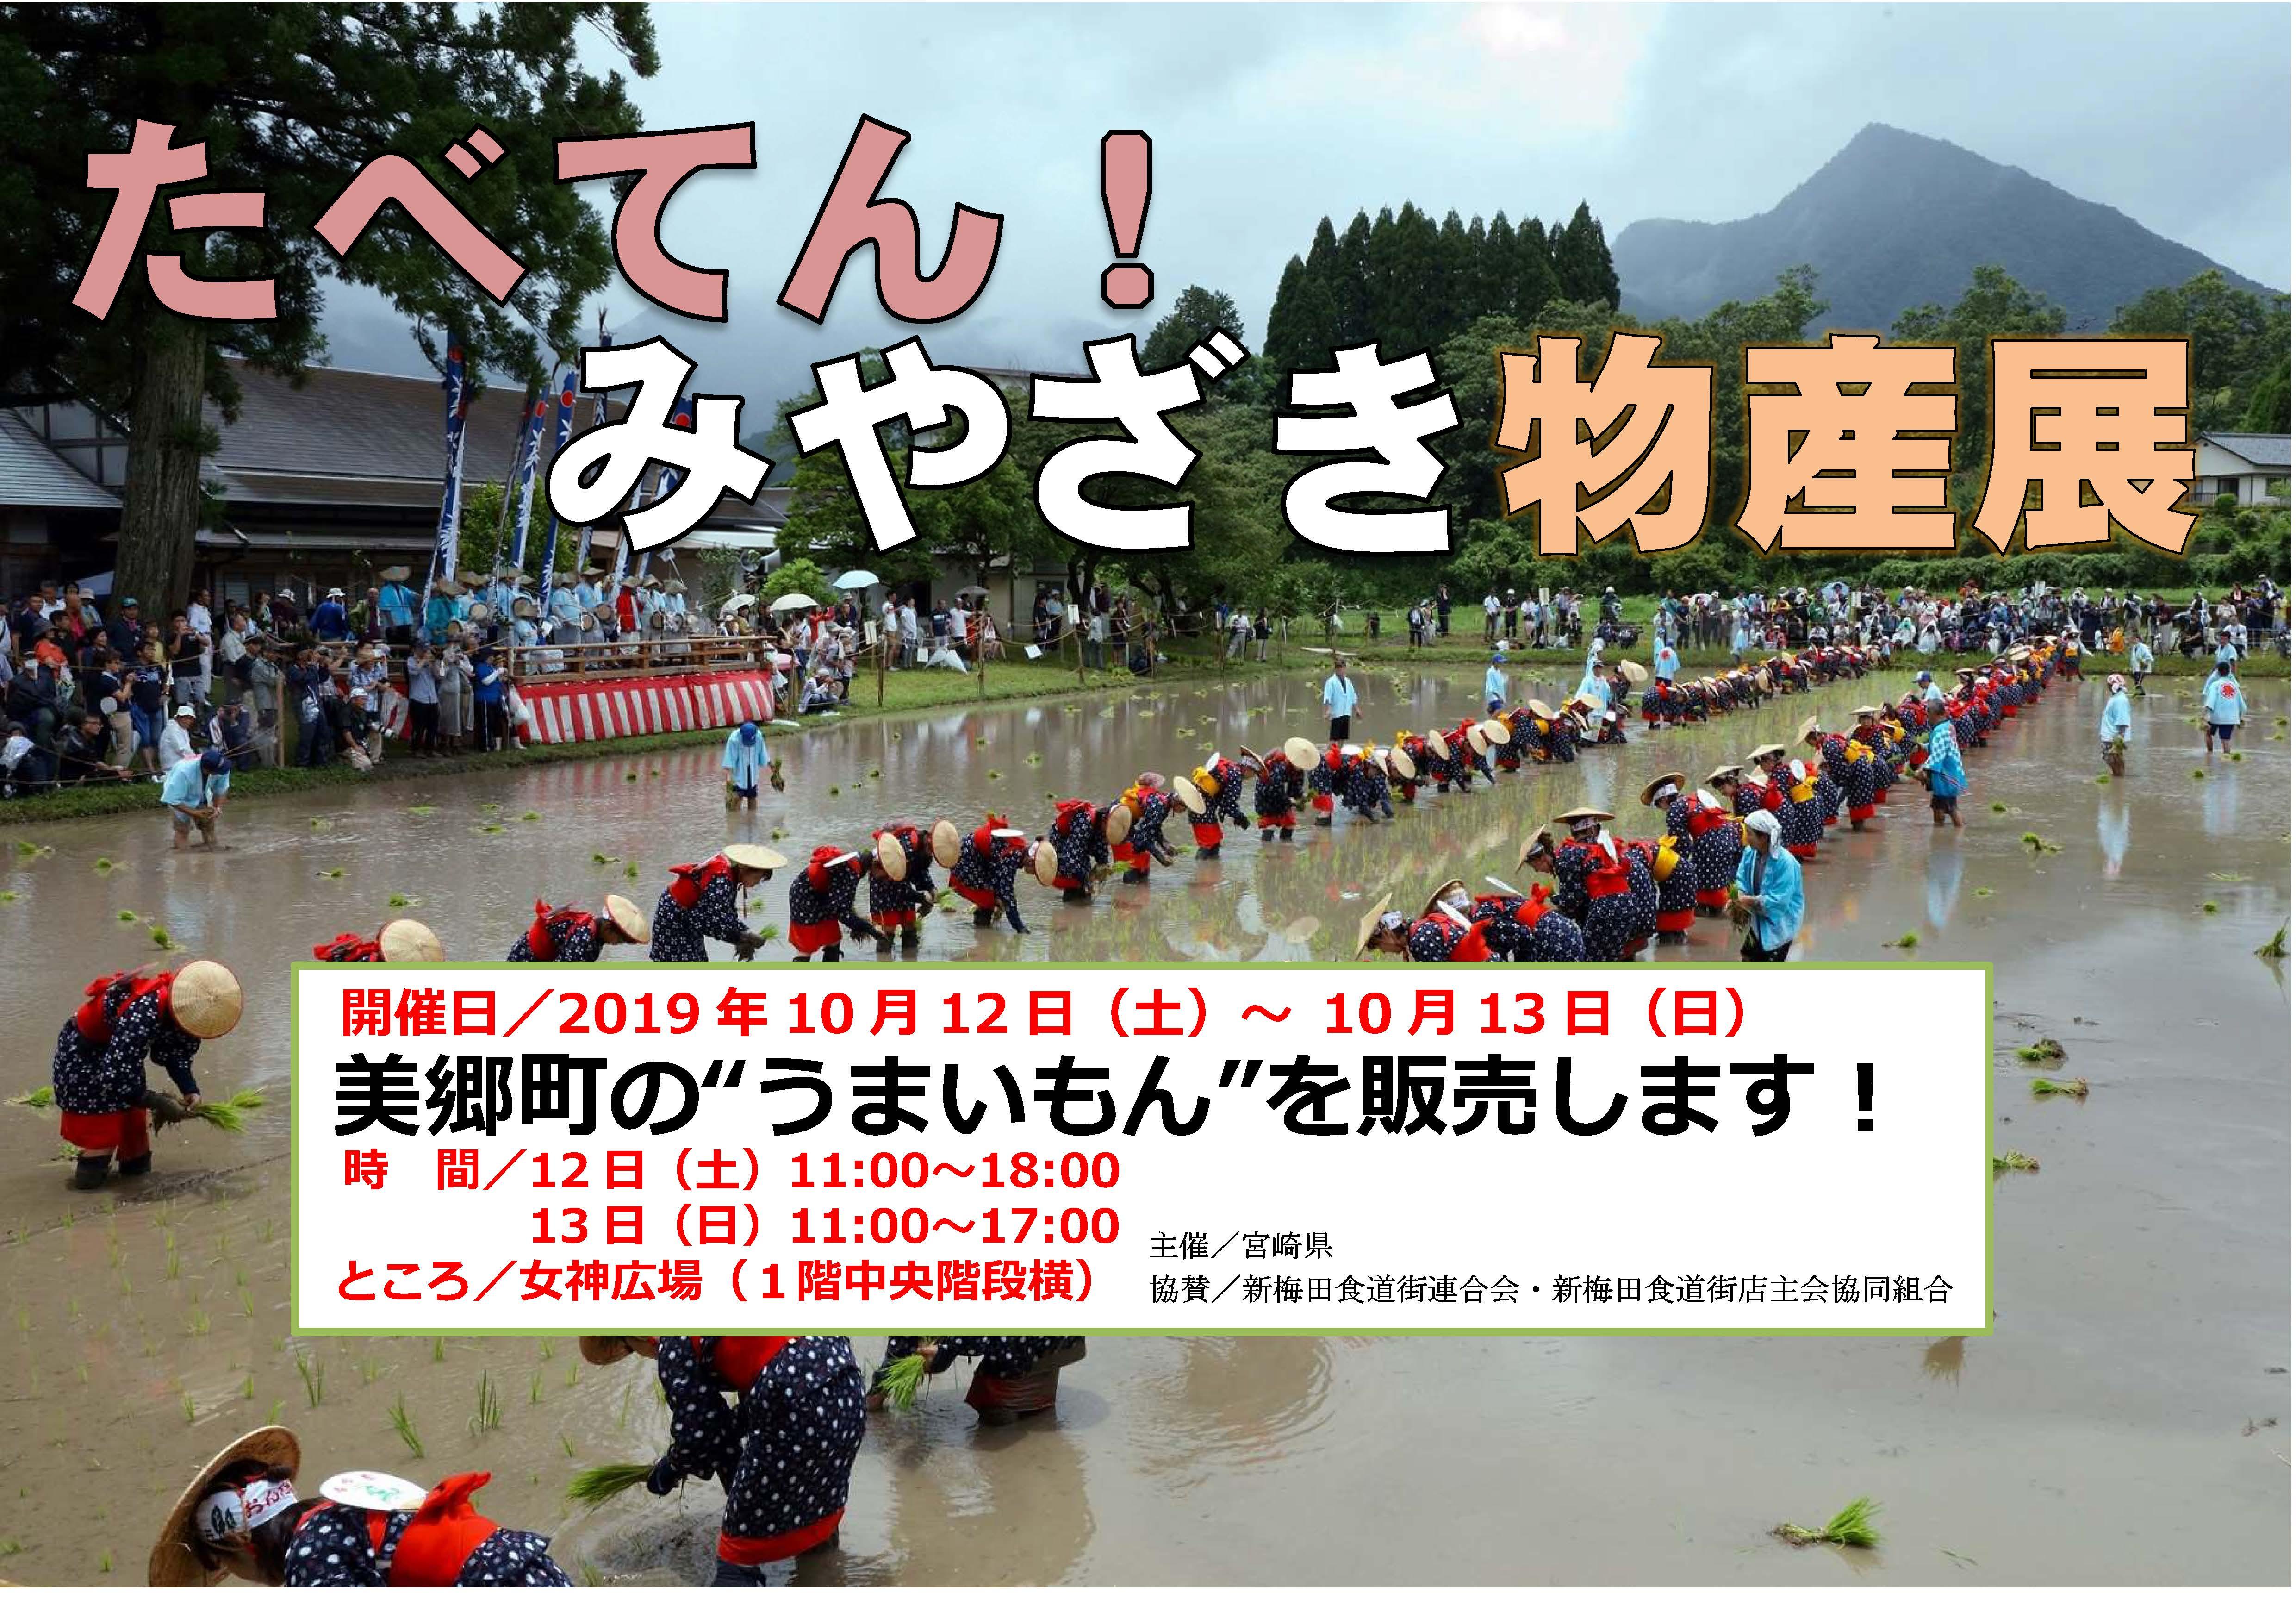 たべてん!みやざき物産展(美郷町)は終了いたしました。ありがとうございました。 トップページ画像